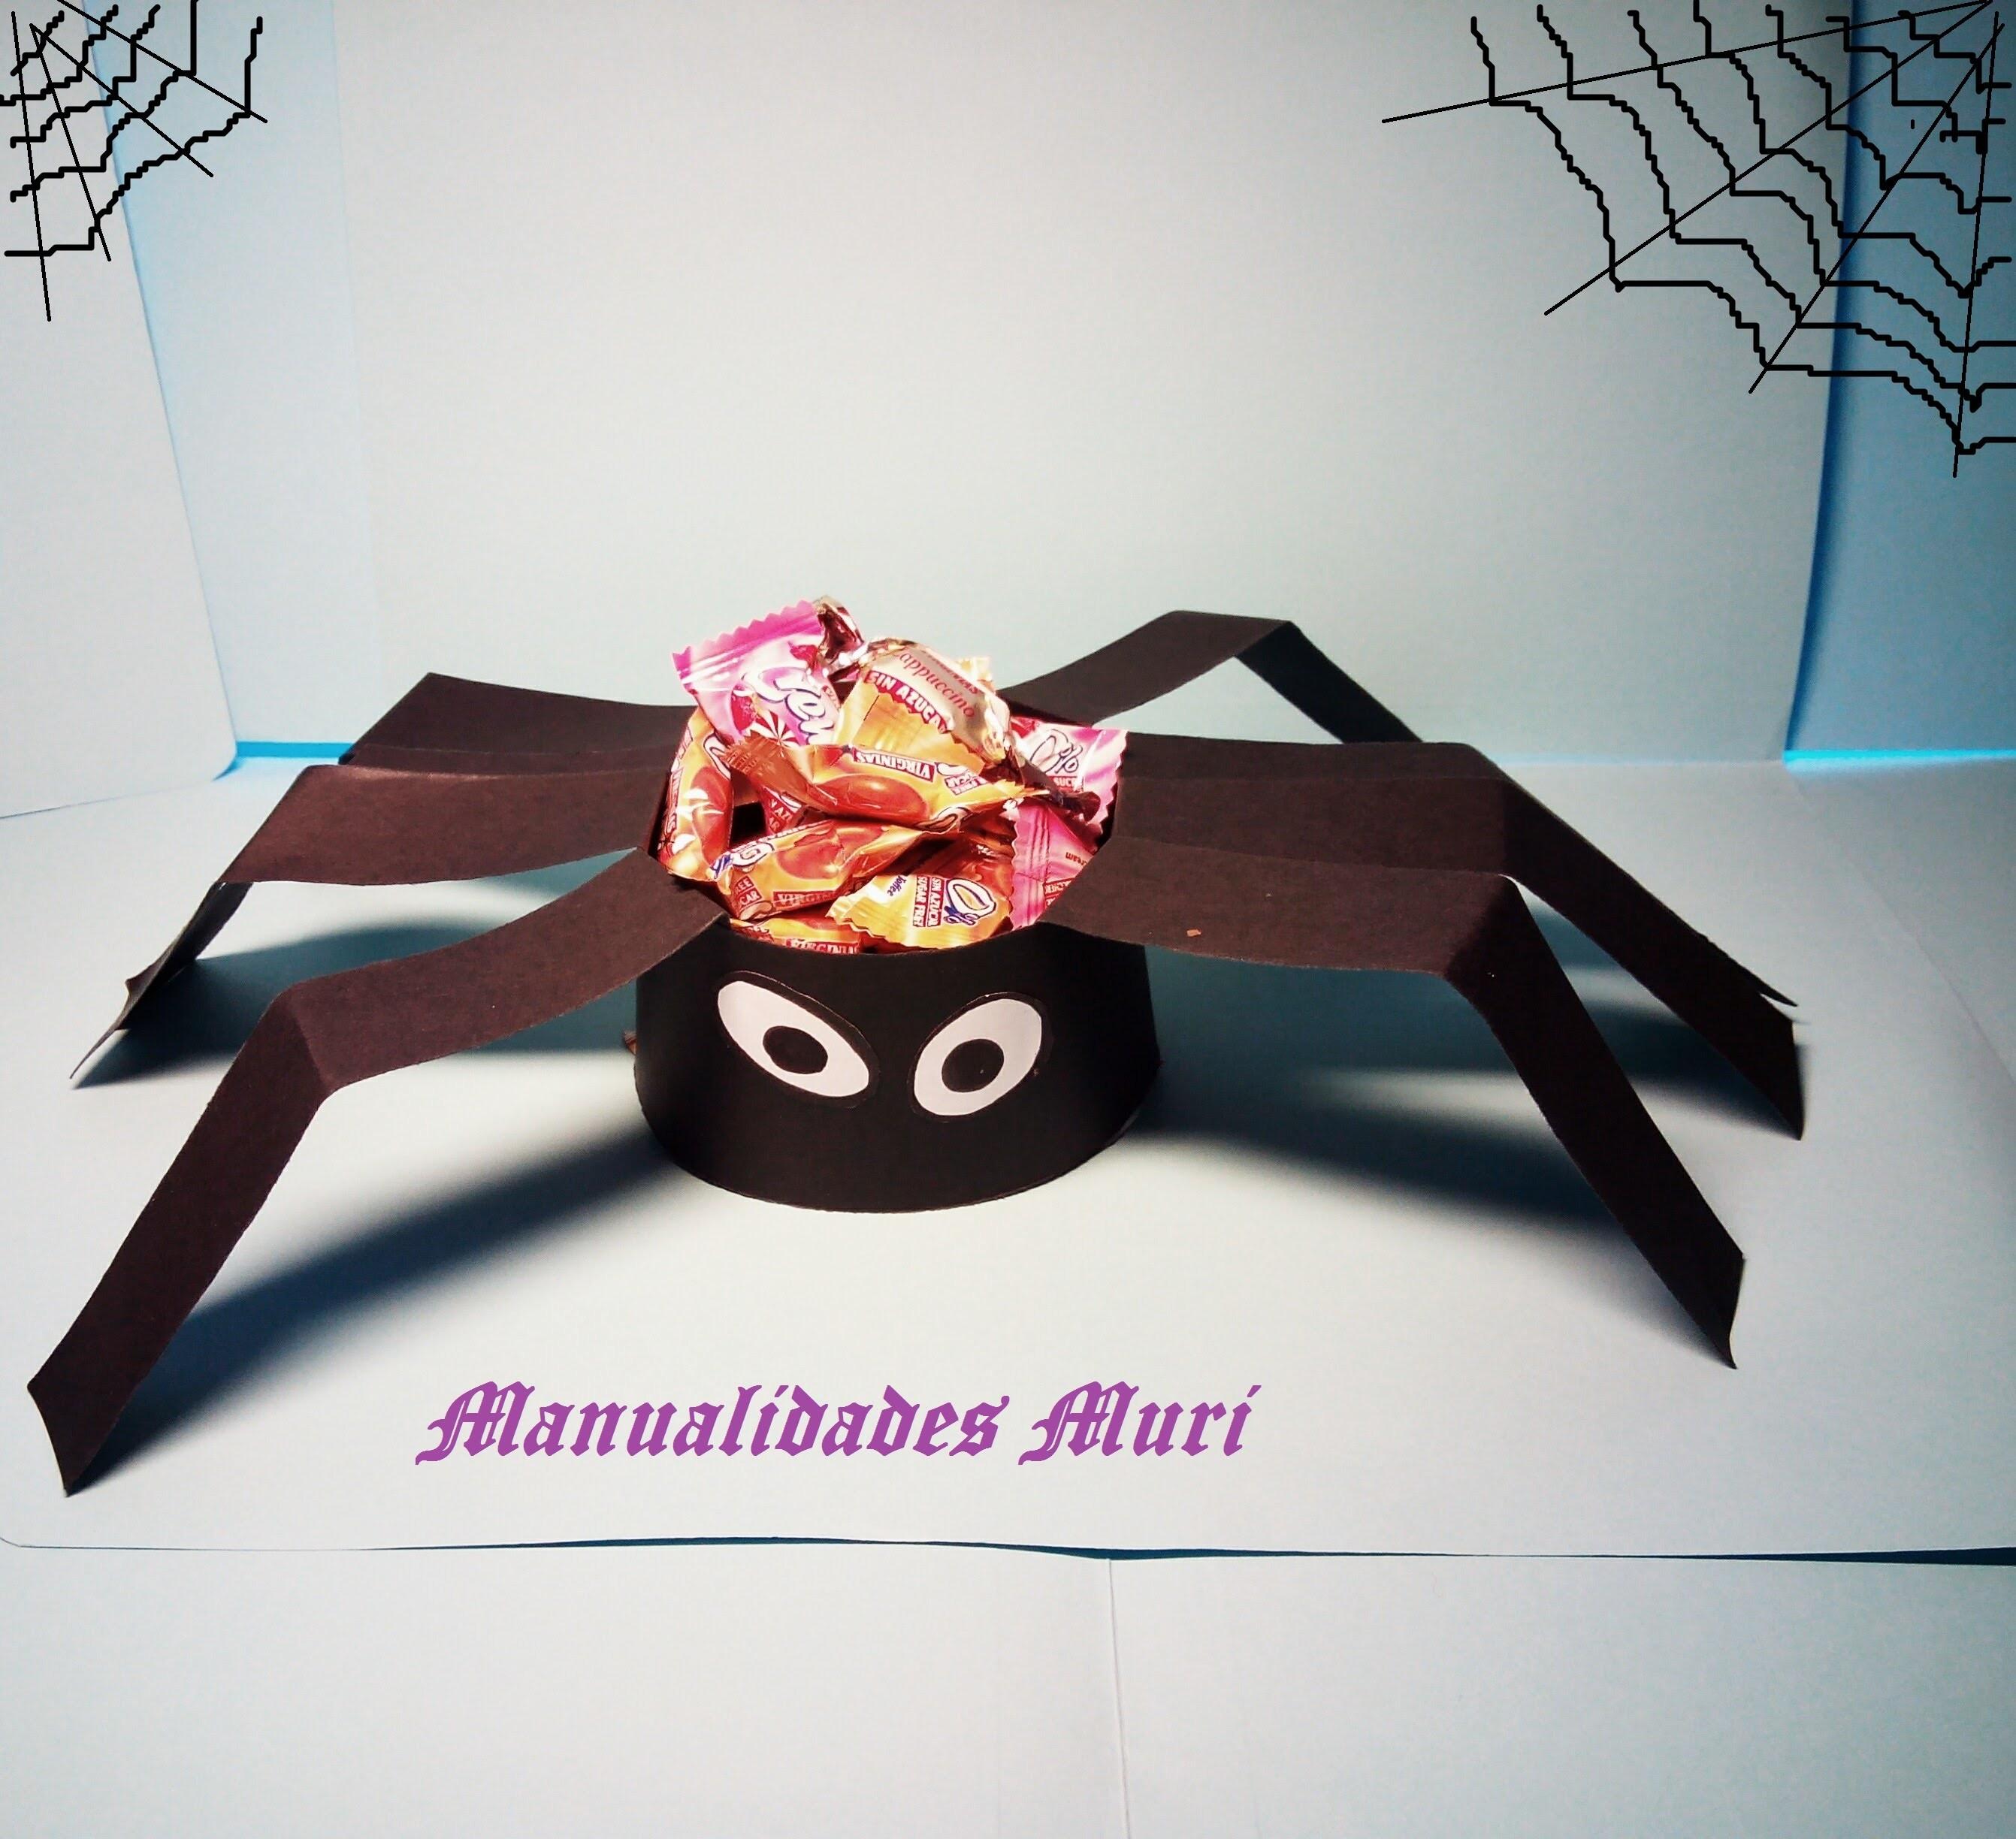 Manualidades. Araña con chucherías para decorar en Halloween, muy fácil